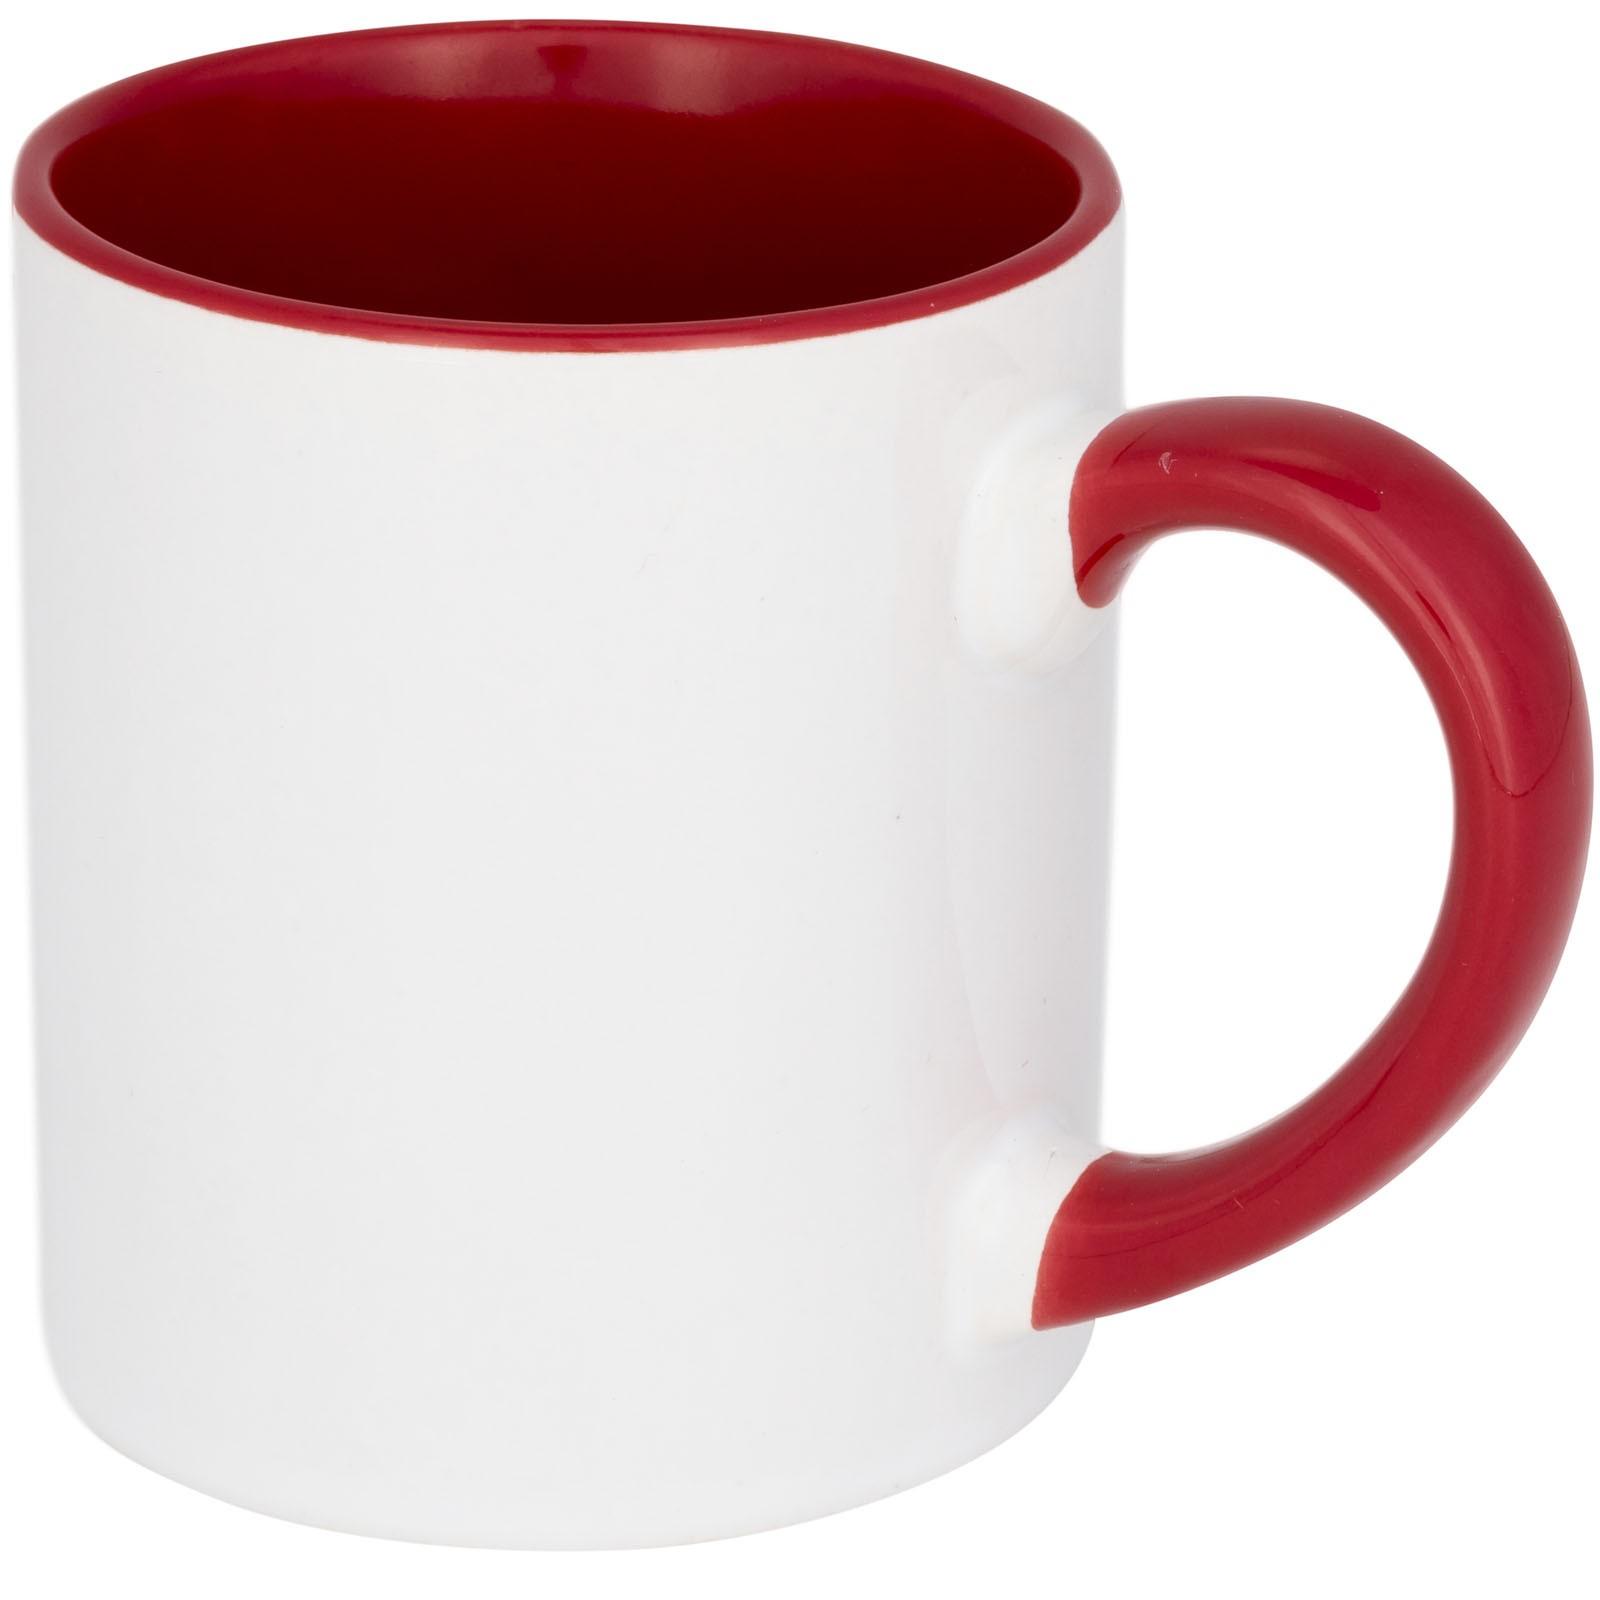 Pixi 250 ml mini ceramic sublimation colour-pop mug - Red